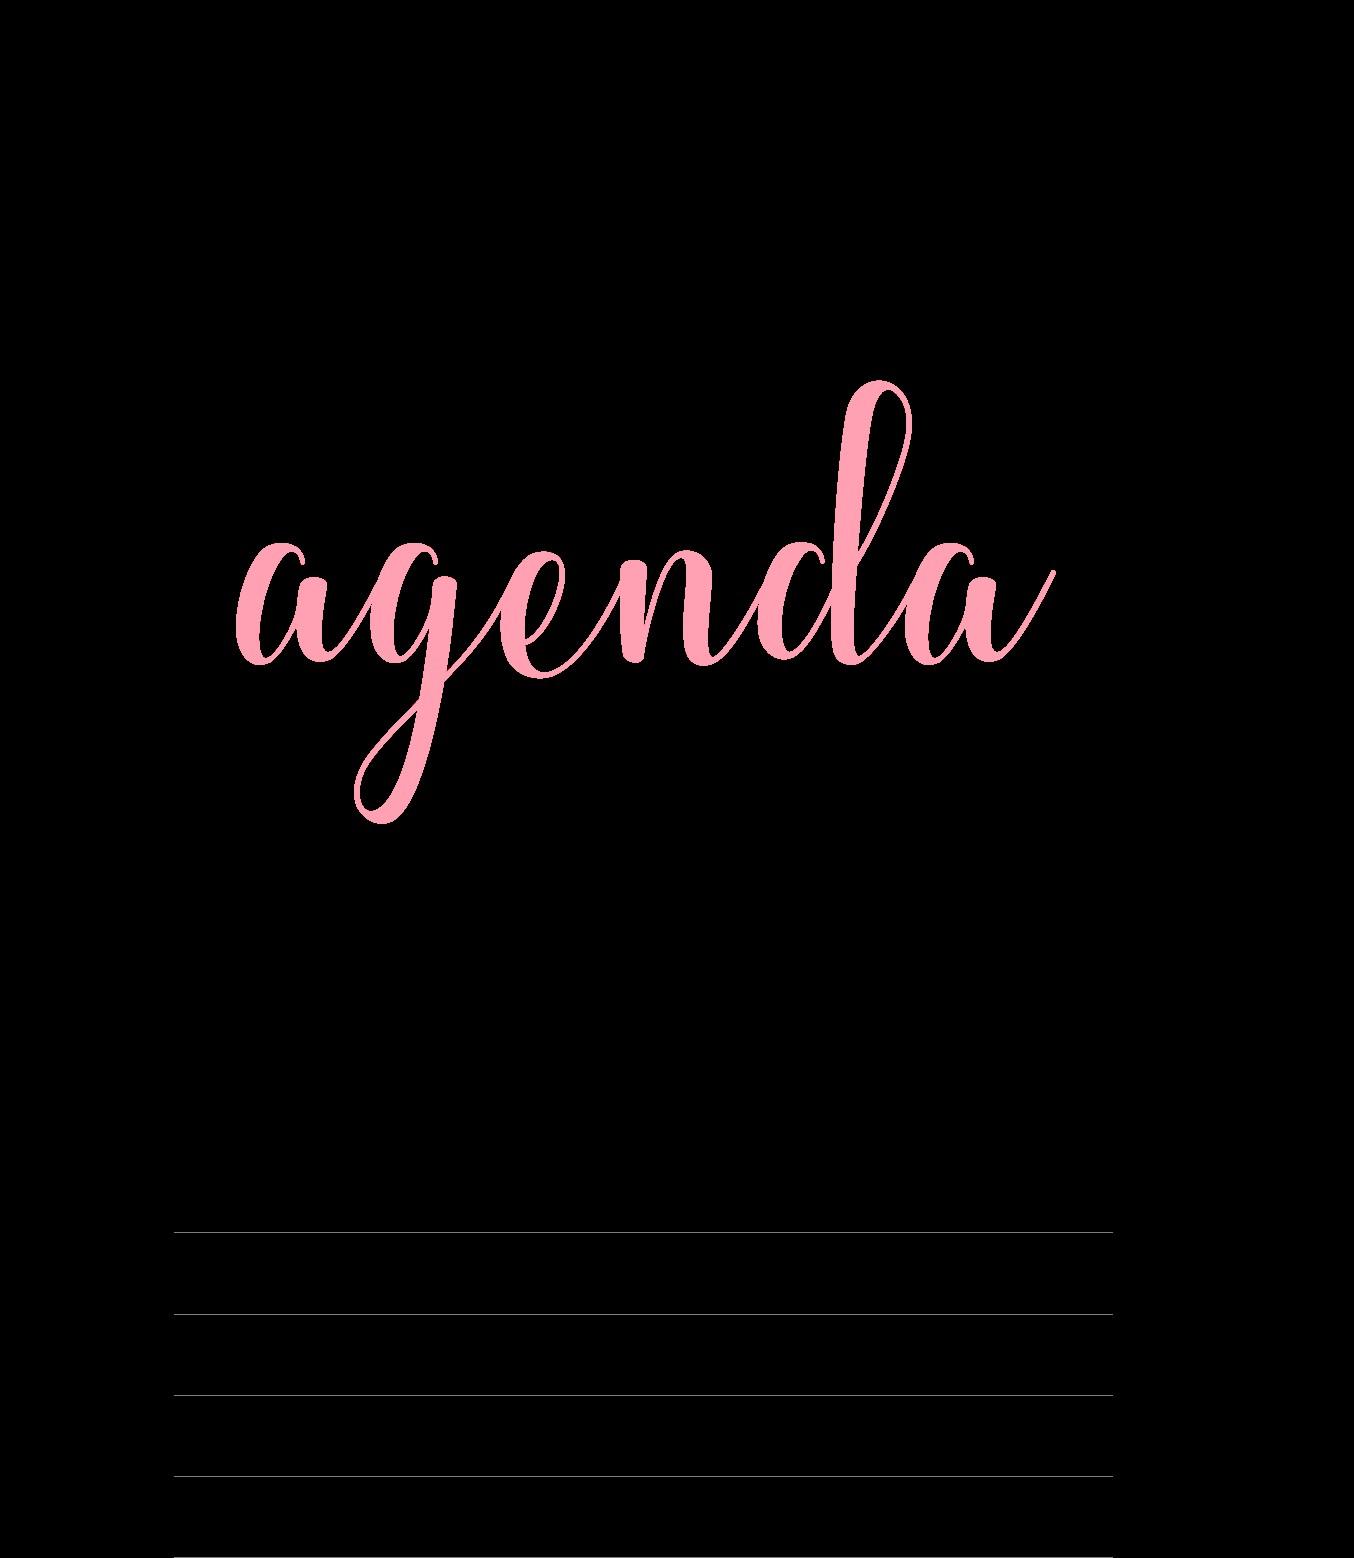 Calendario Para Imprimir 2017 Septiembre Y Octubre Más Recientemente Liberado Happy Planner Imprimible Gratis 2017 Dodlees Pinterest Of Calendario Para Imprimir 2017 Septiembre Y Octubre Actual Calendario Ilustrado 2016 Gratis Ilustraciones